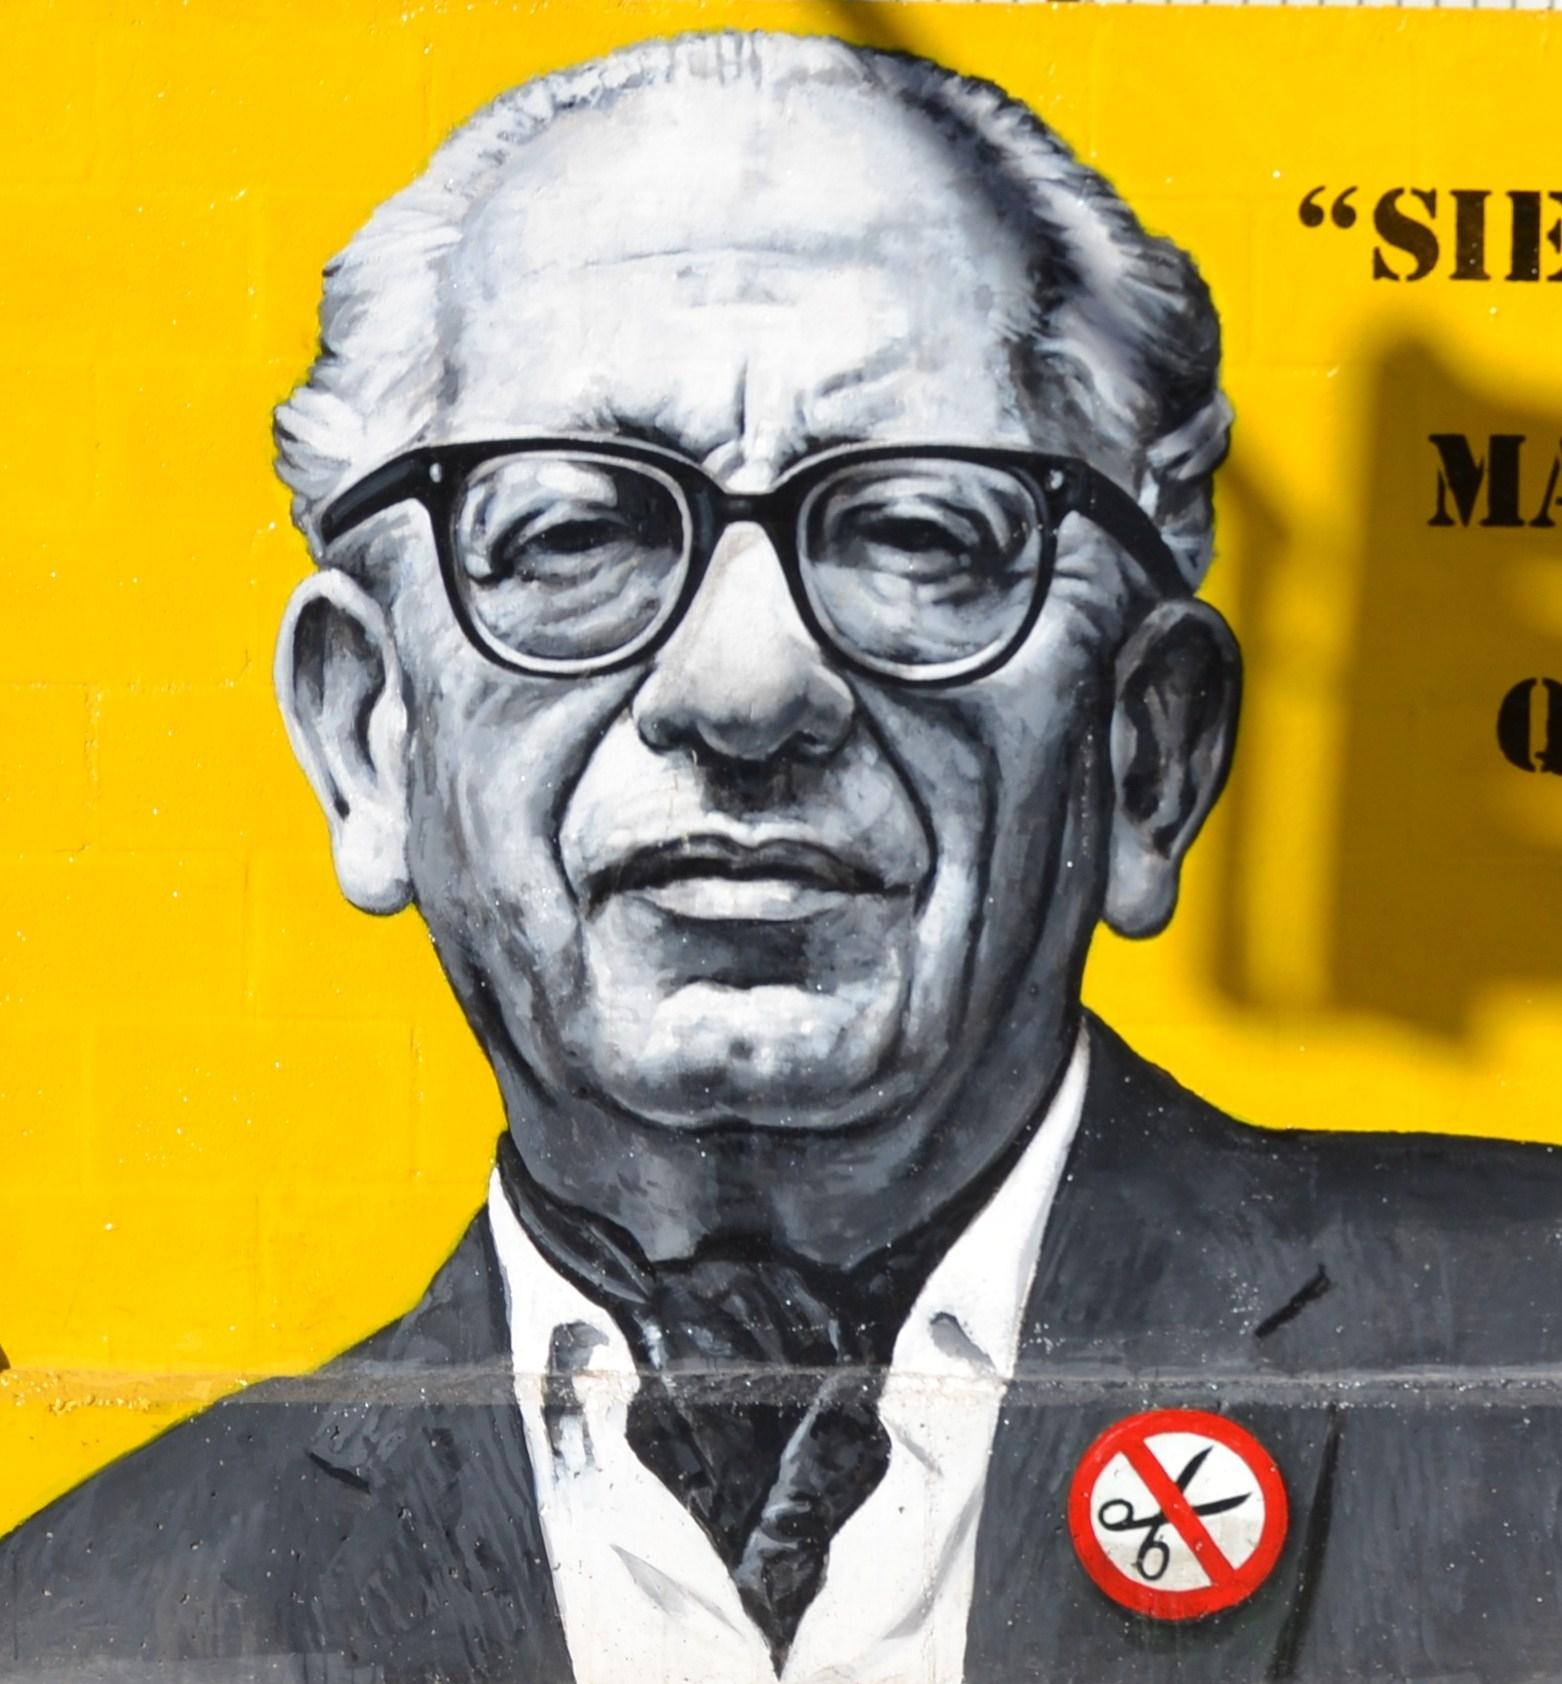 Max Aub en un mural del colegio Max Aub de Valencia.Fuente: De Joanbanjo - Trabajo propio, CC BY-SA 3.0.